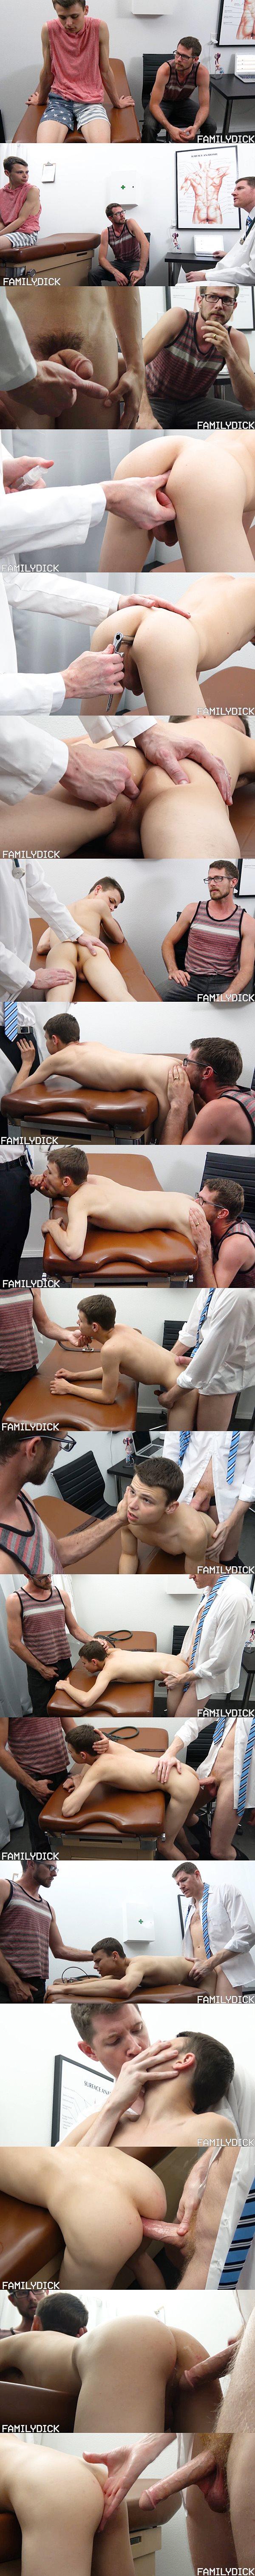 President Olsen and Brother Eyring bareback Elder Xanders in Doctor's Office Visit at Familydick 02